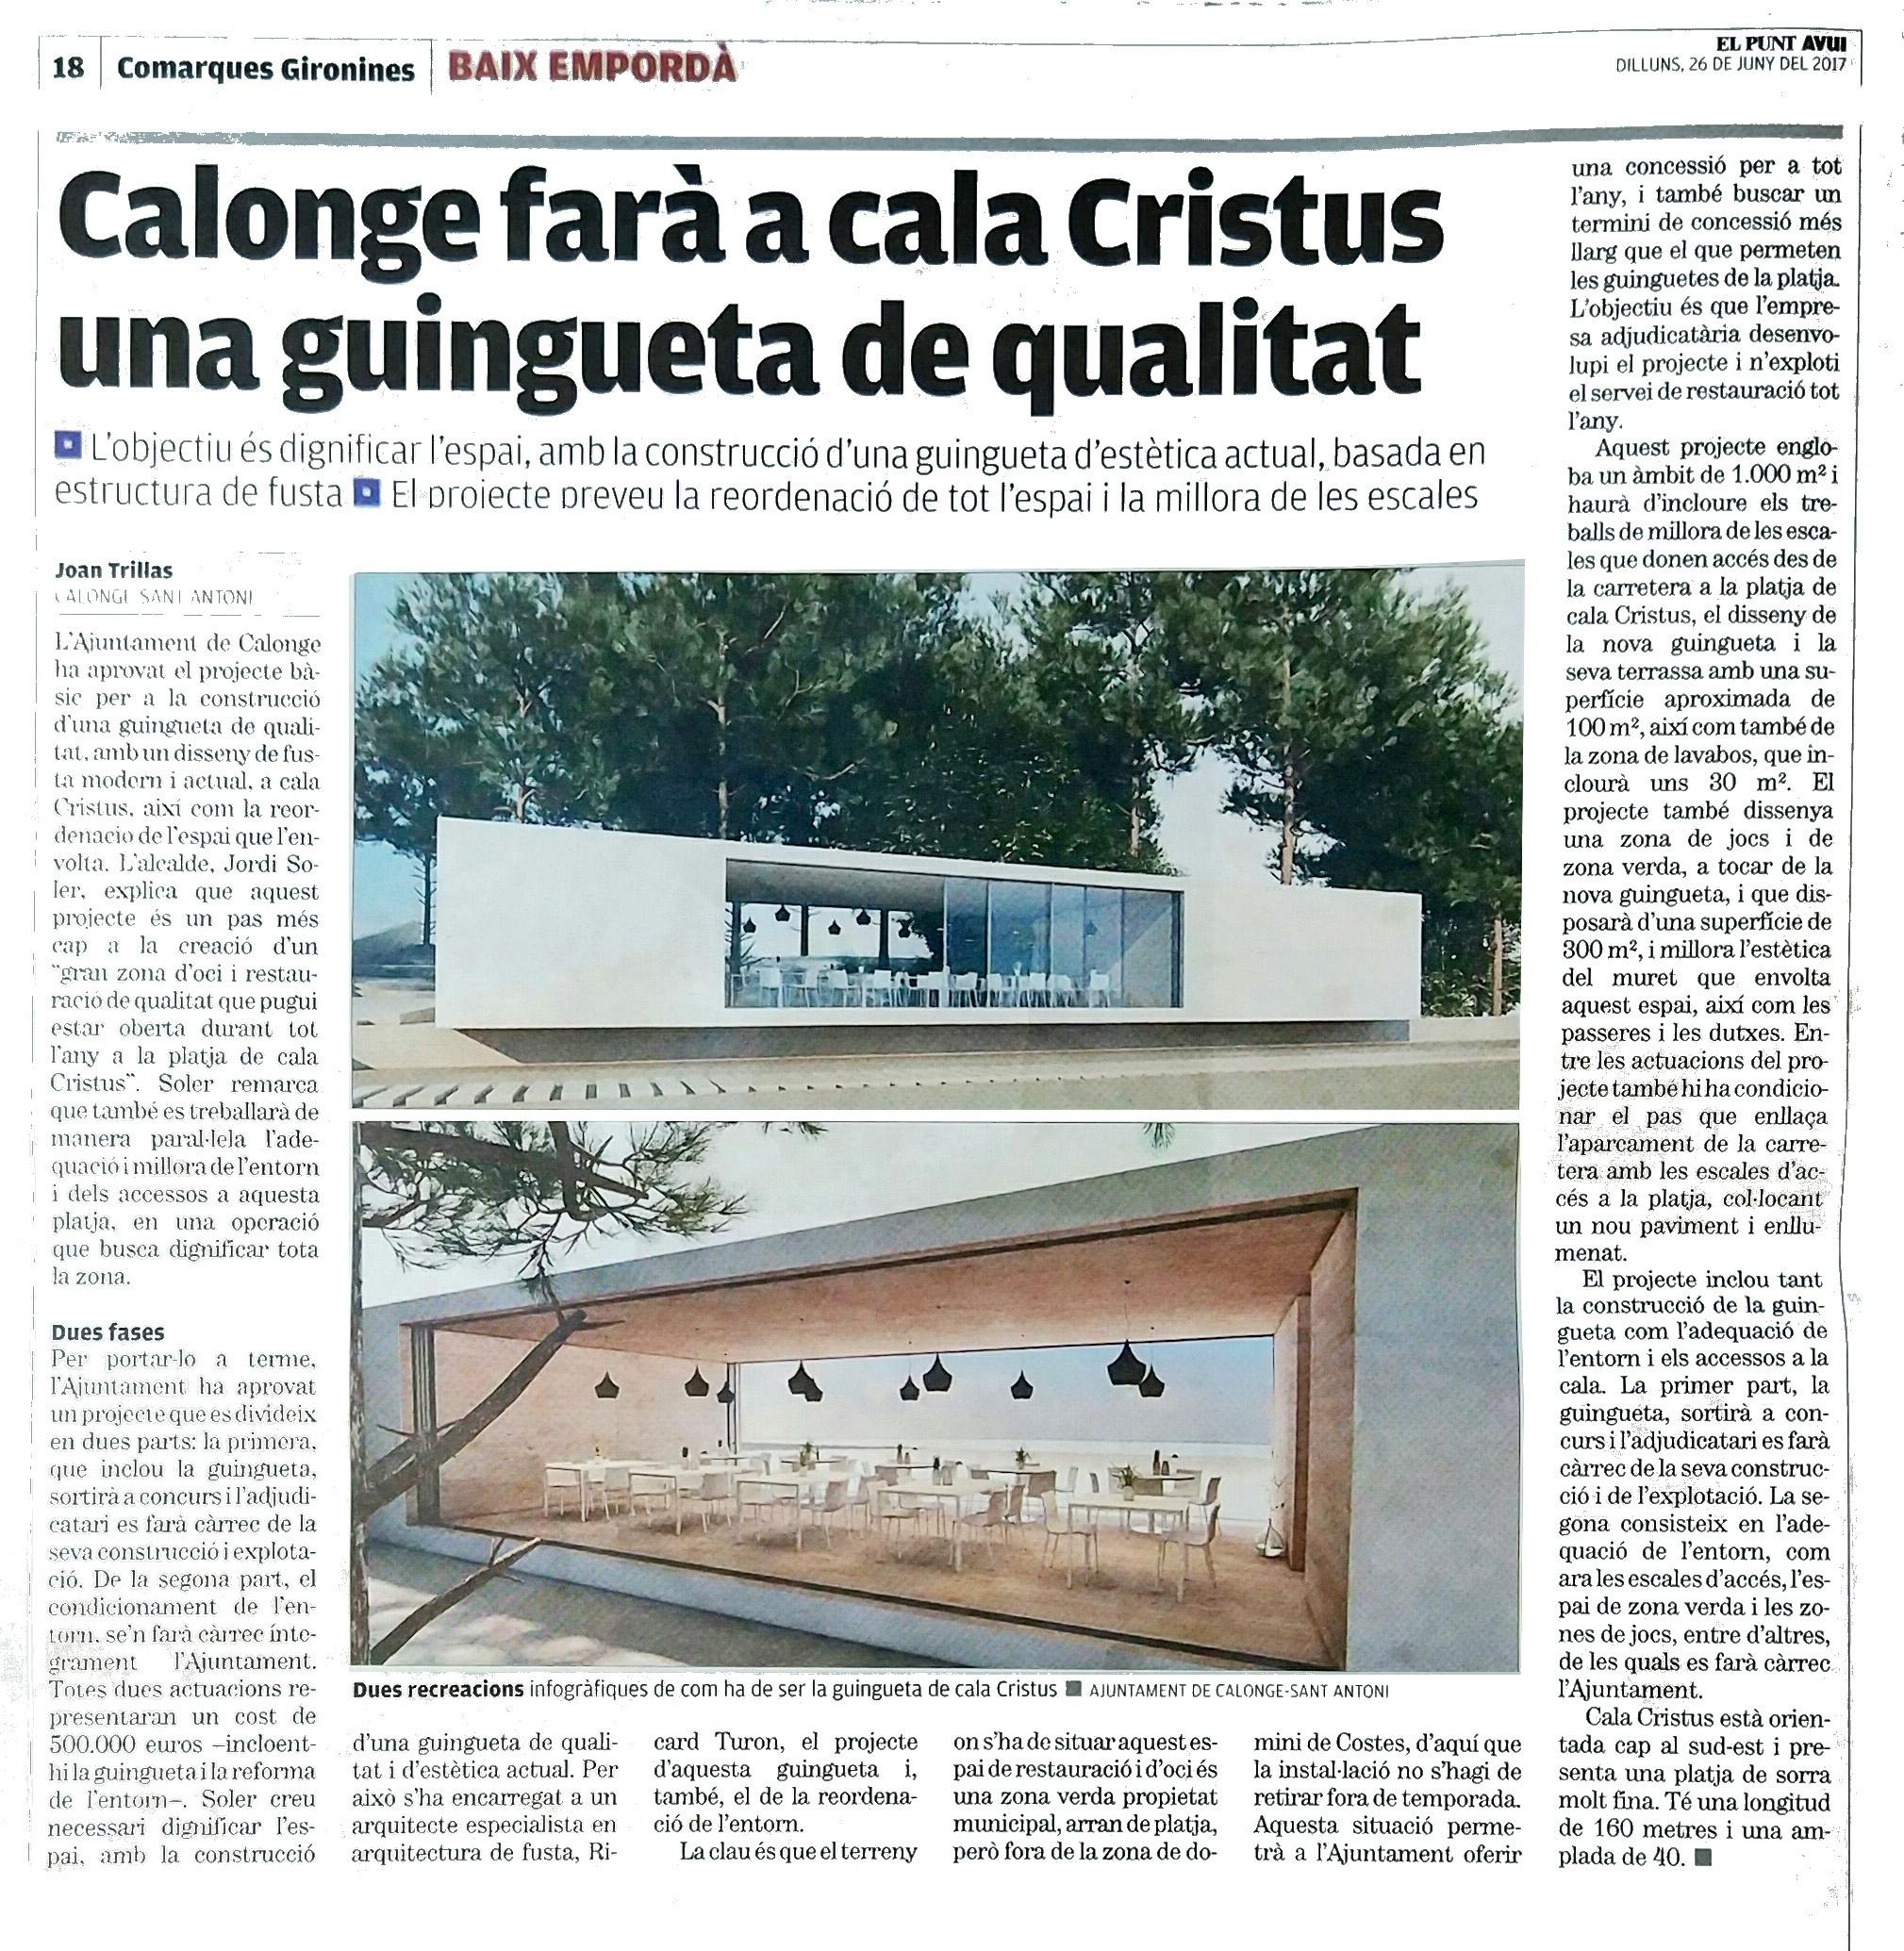 L'Ajuntament de Calonge farà una guingueta dissenyada per Ricard Turon